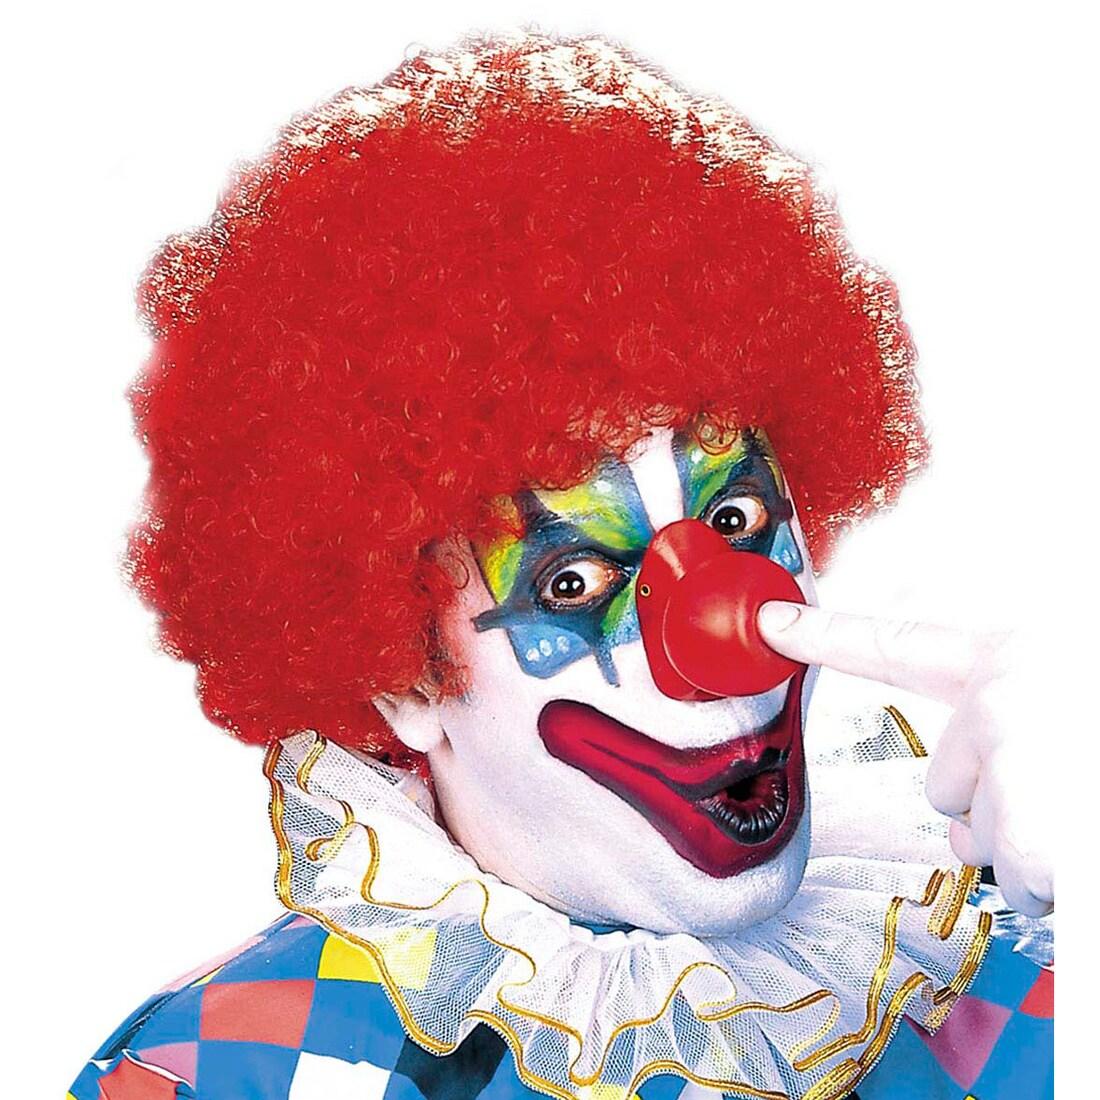 Karneval Clown Perucke Rot Faschingsperucke 7 99